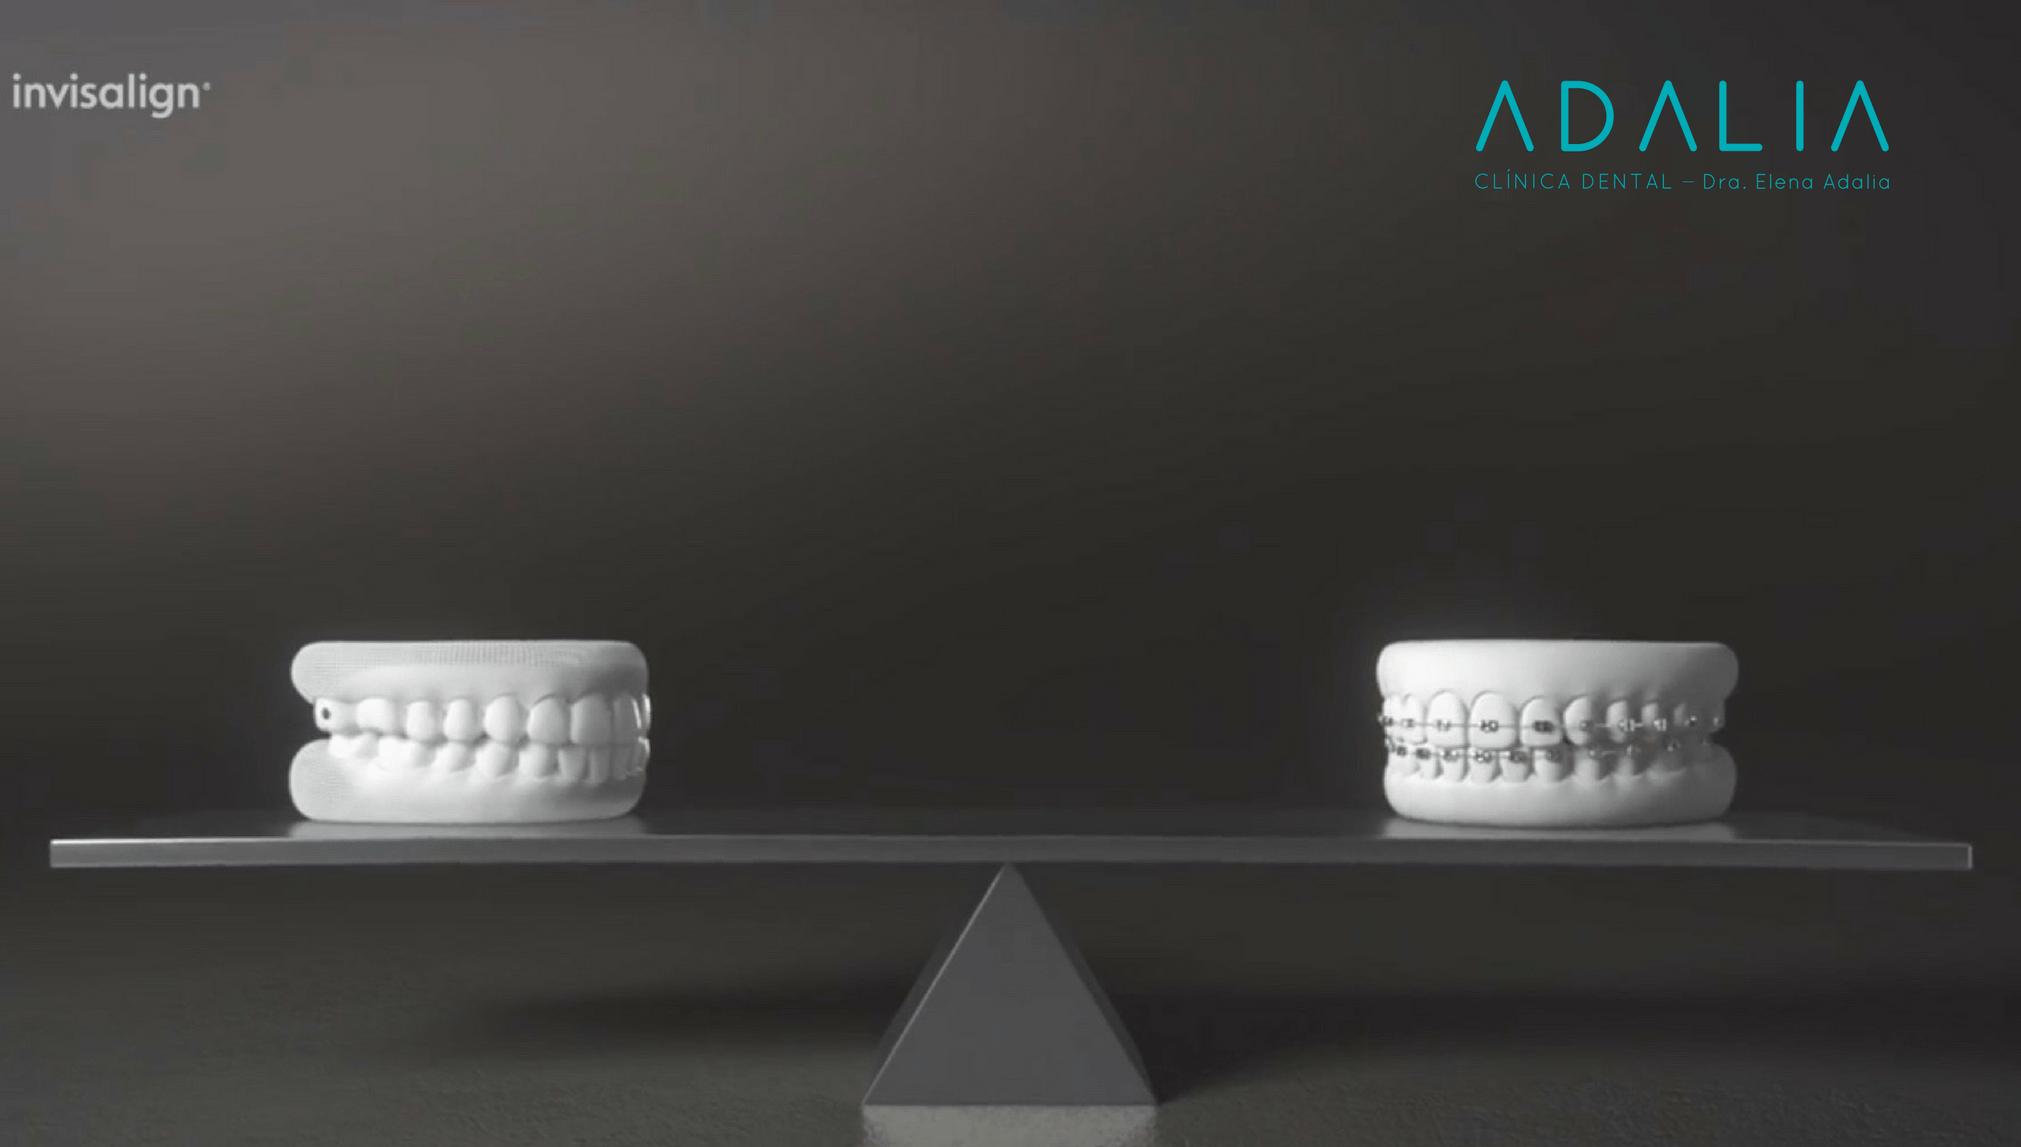 adalia-ortodoncia-las-palmas